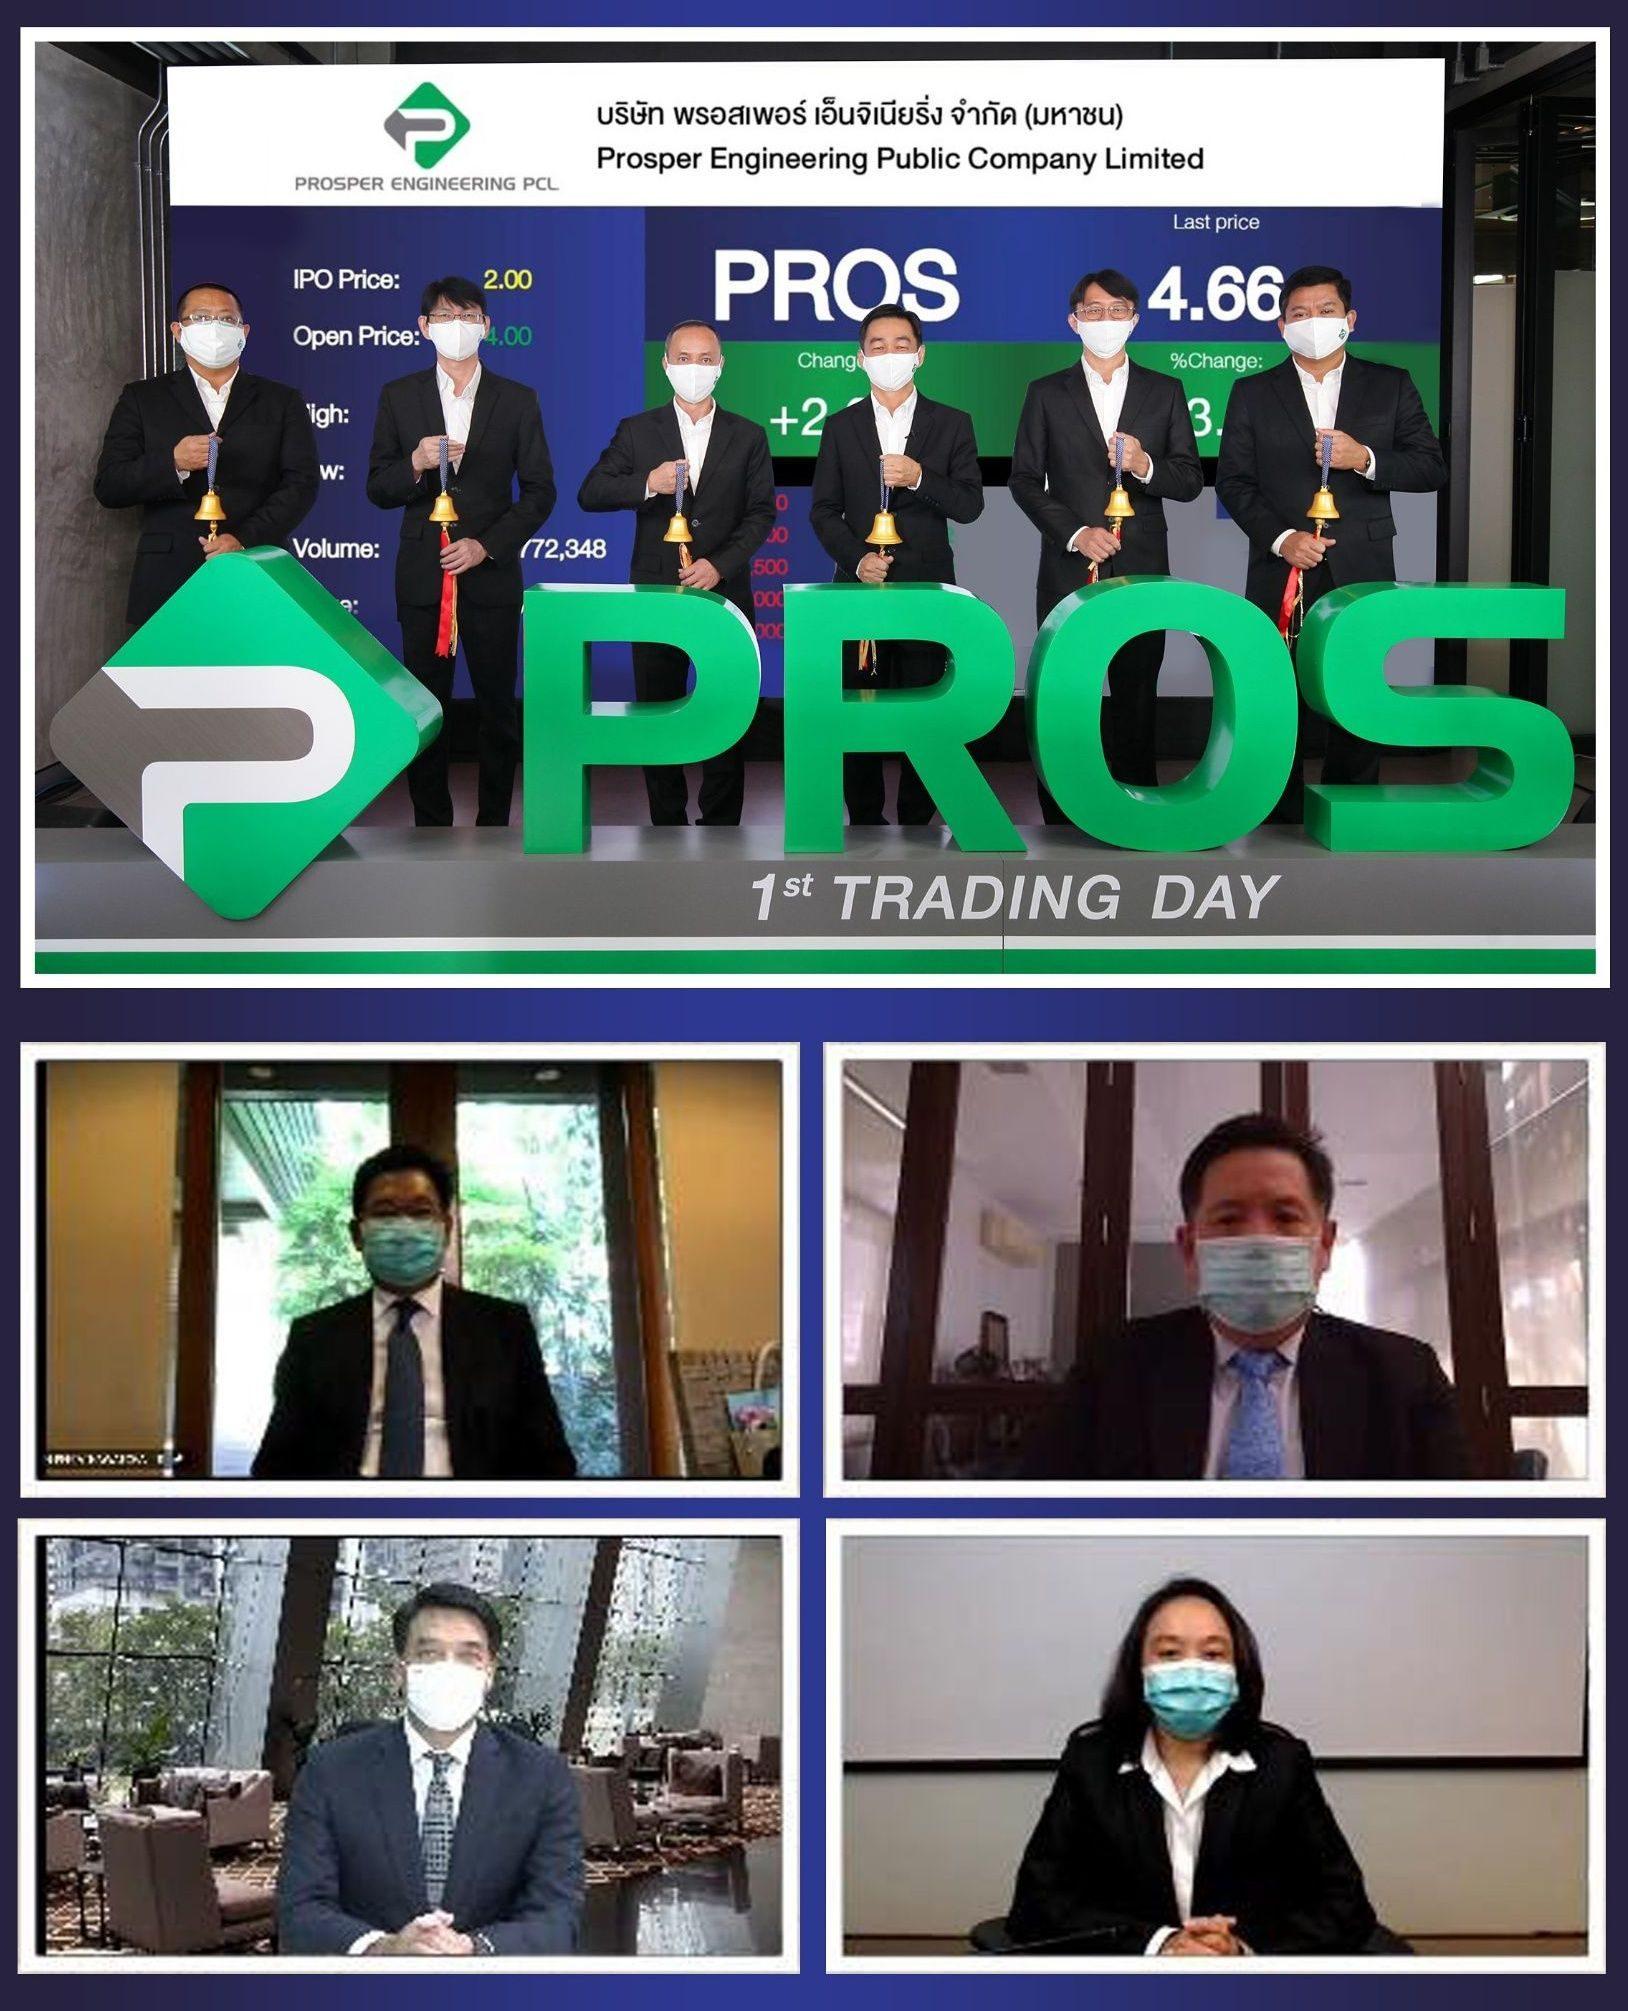 PROS เปิดซื้อขาย หุ้น IPO วันแรก ราคาพุ่ง 100% ย้ำพื้นฐานแข็งแกร่งฝ่าพิษเศรษฐกิจ